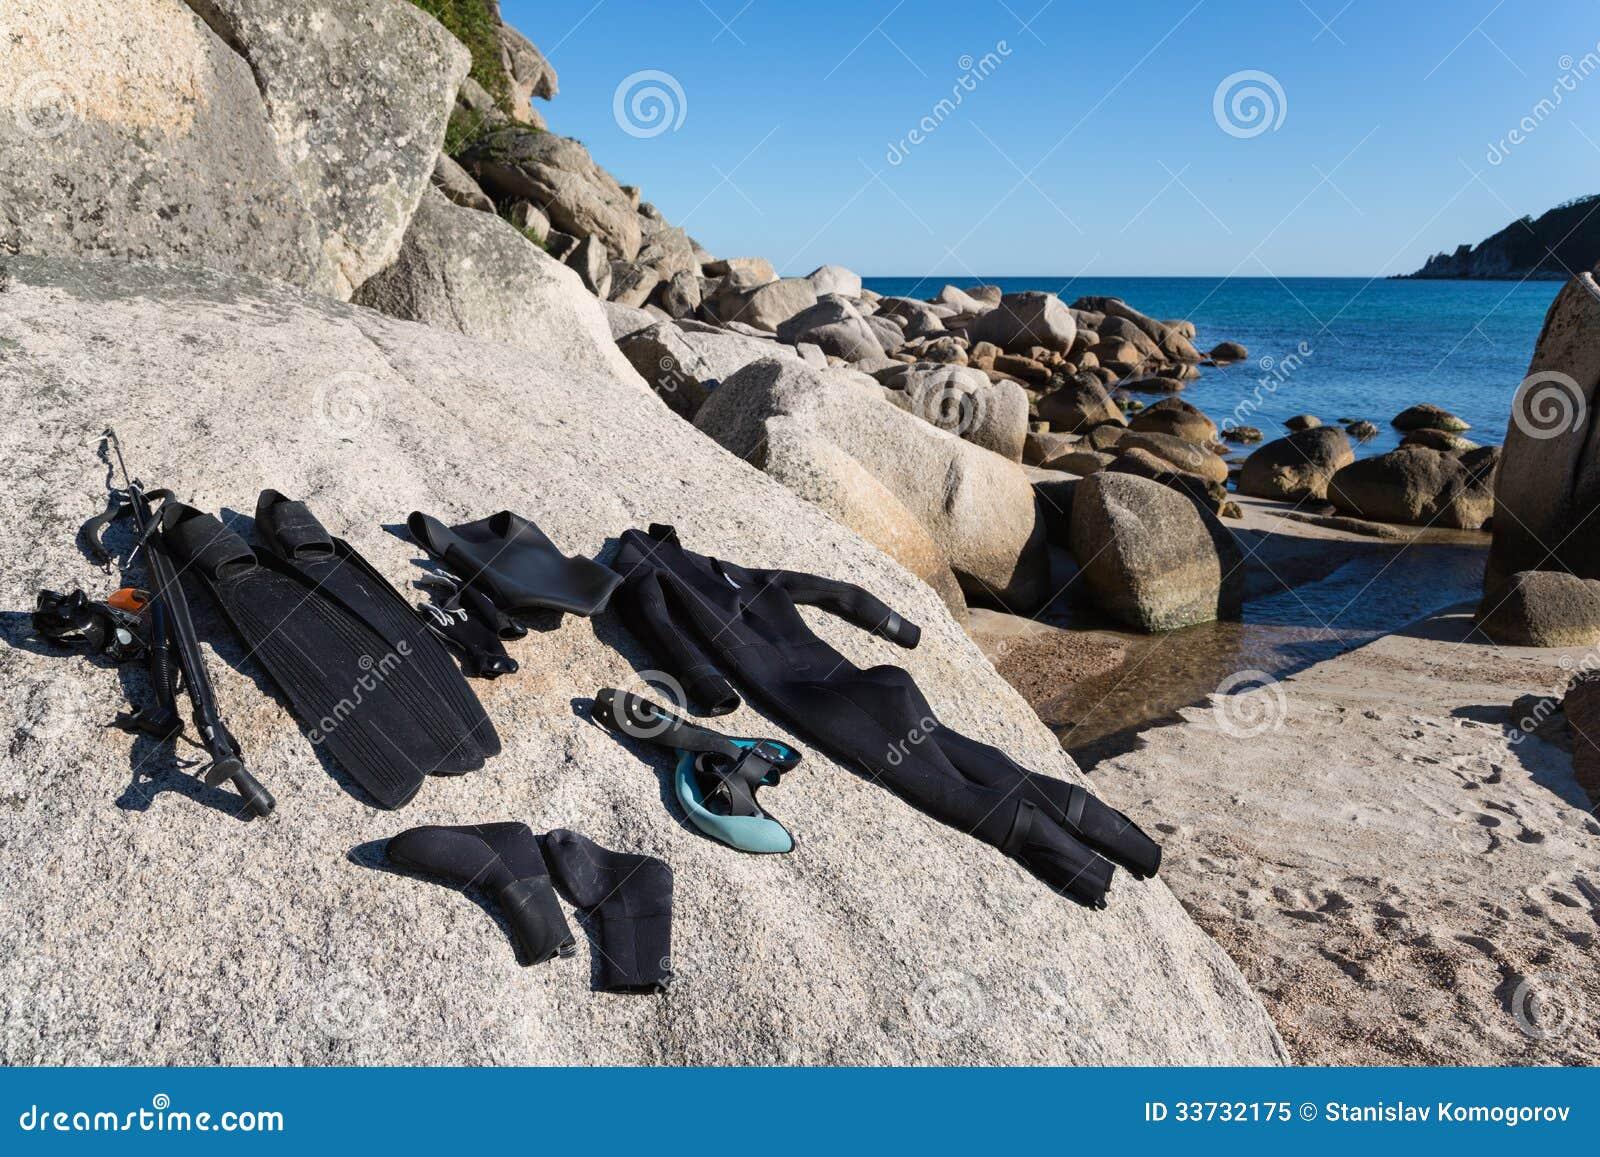 Мокрая одежда и оружие для подводного звероловства